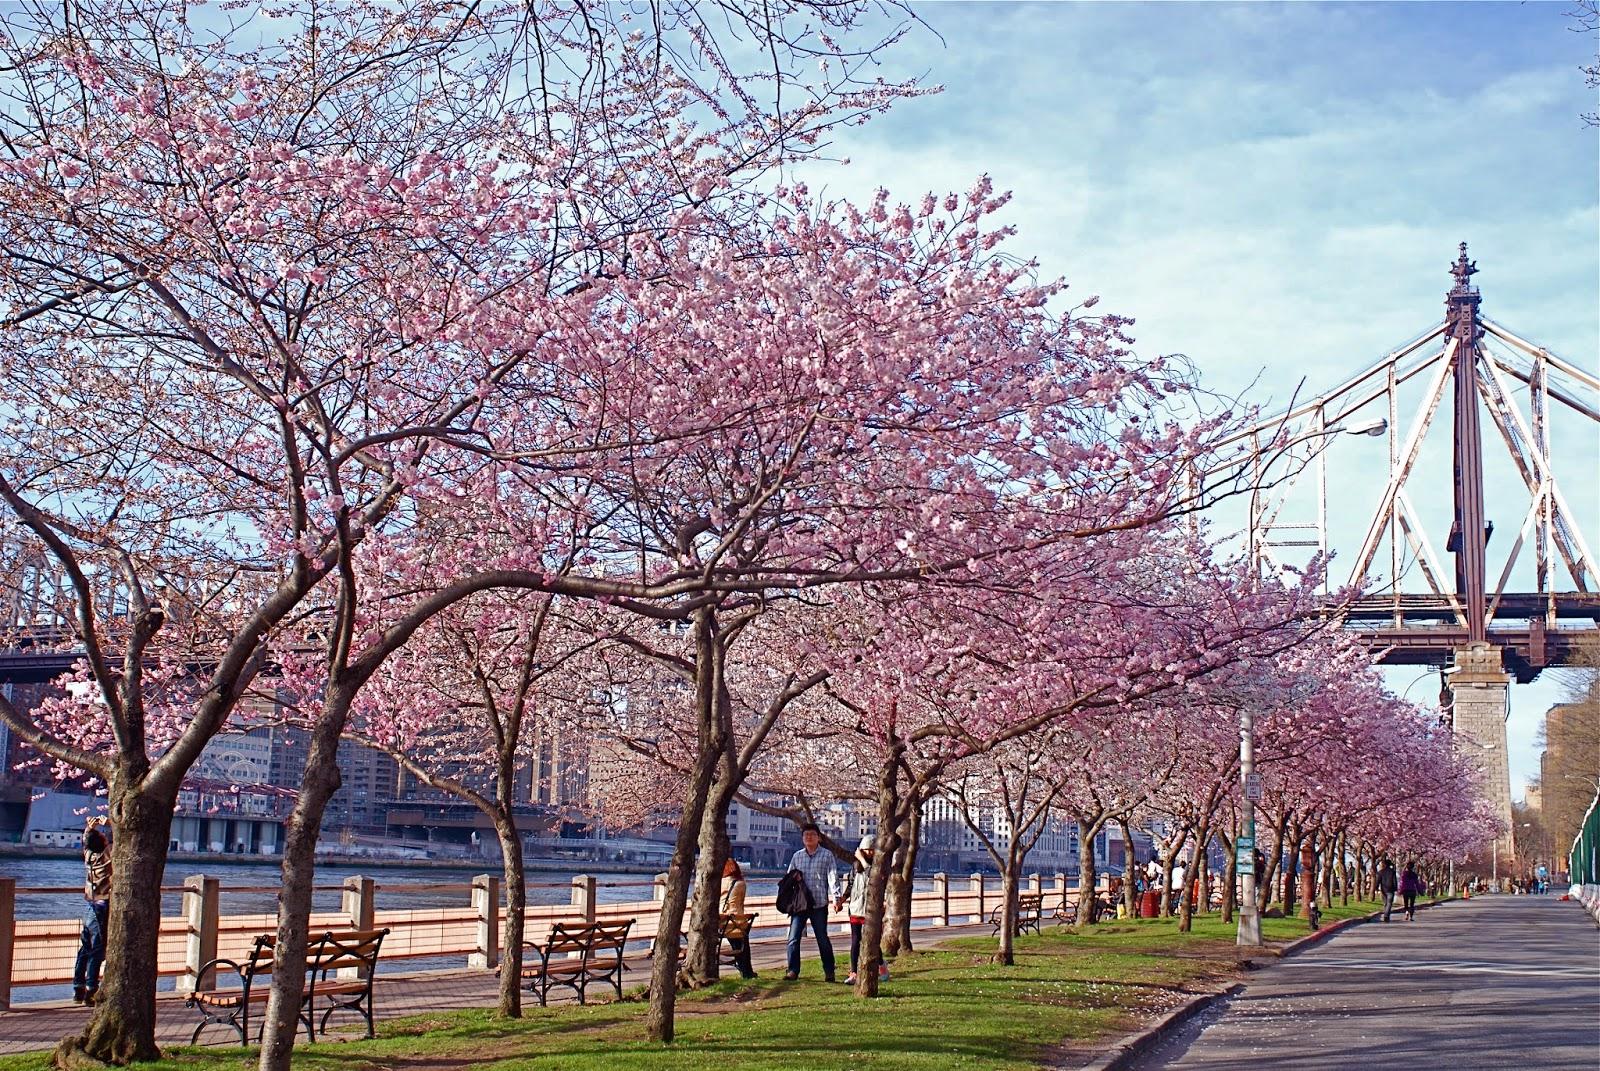 Roosevelt Island Cherry Blossom